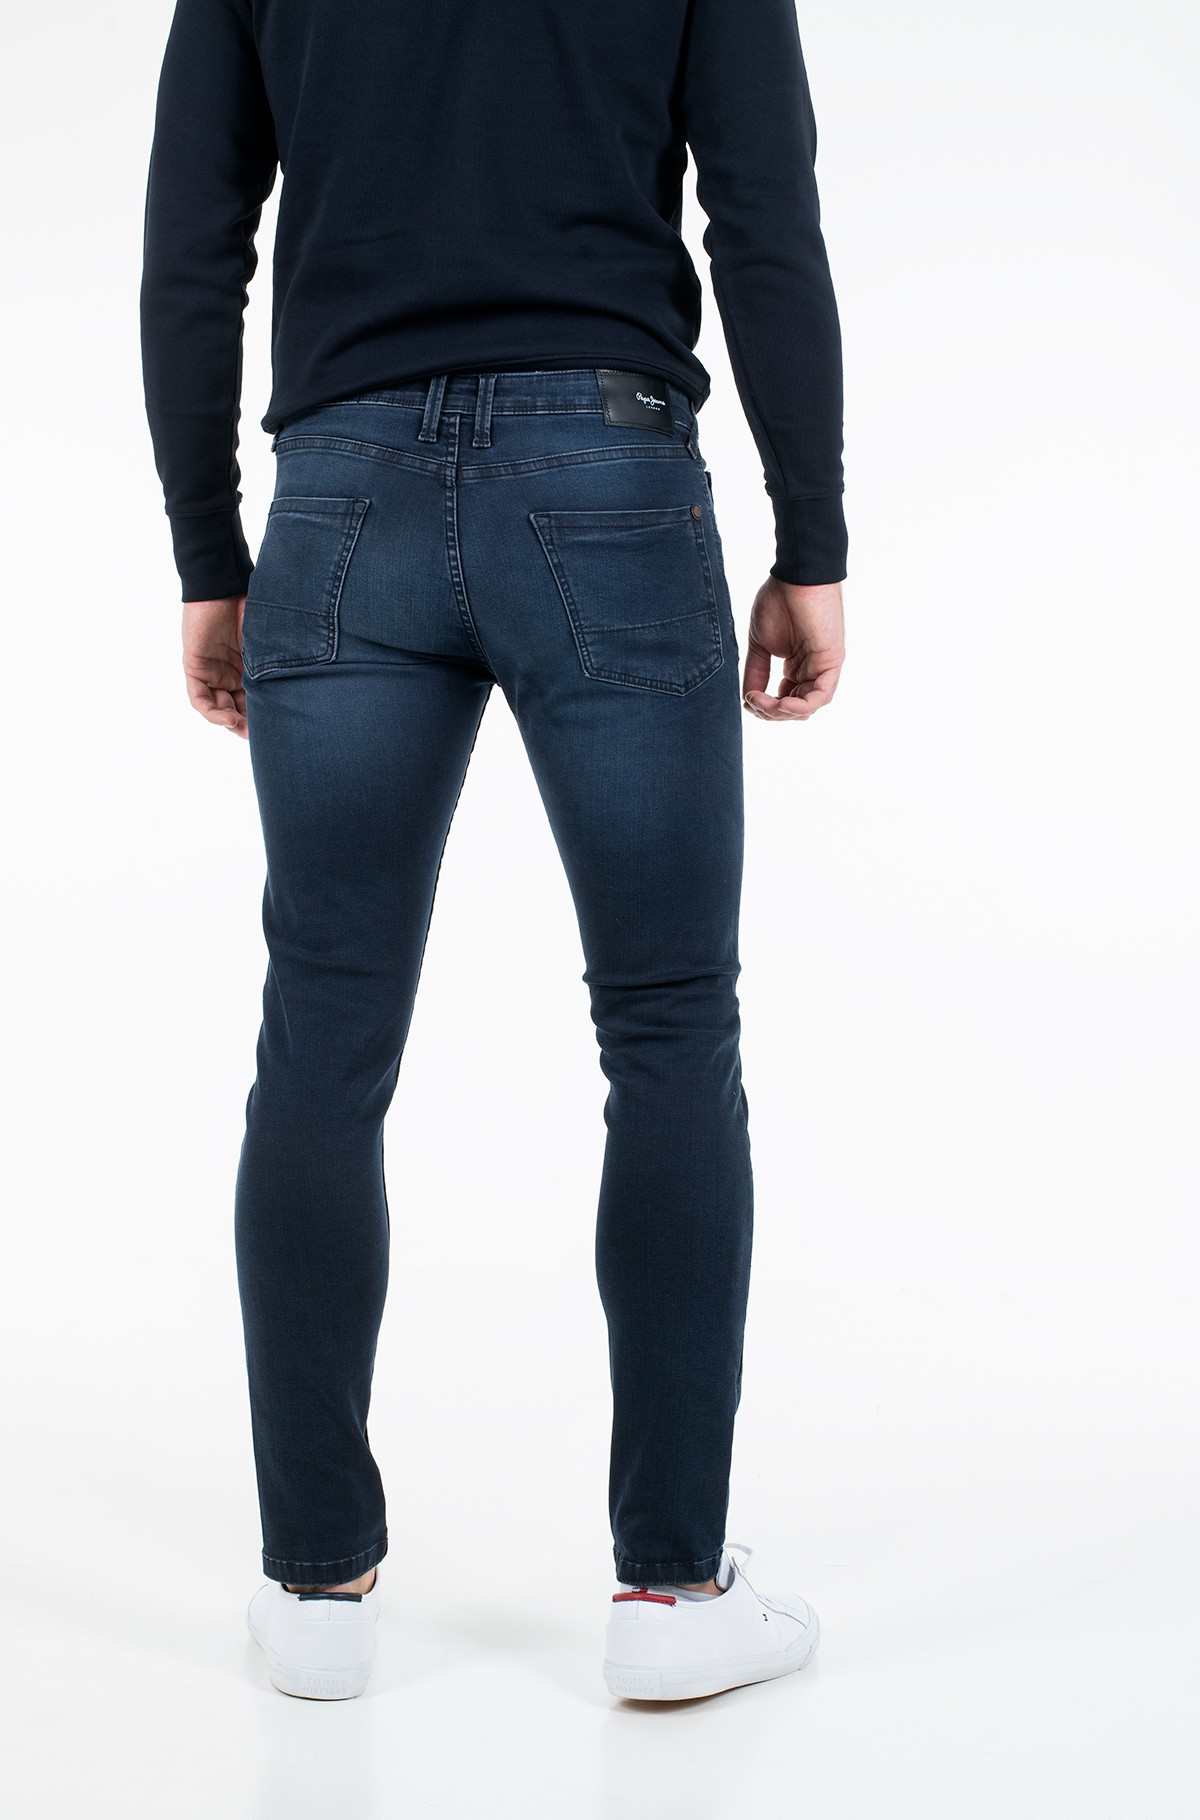 Jeans FINSBURY/PM200338XB7-full-2